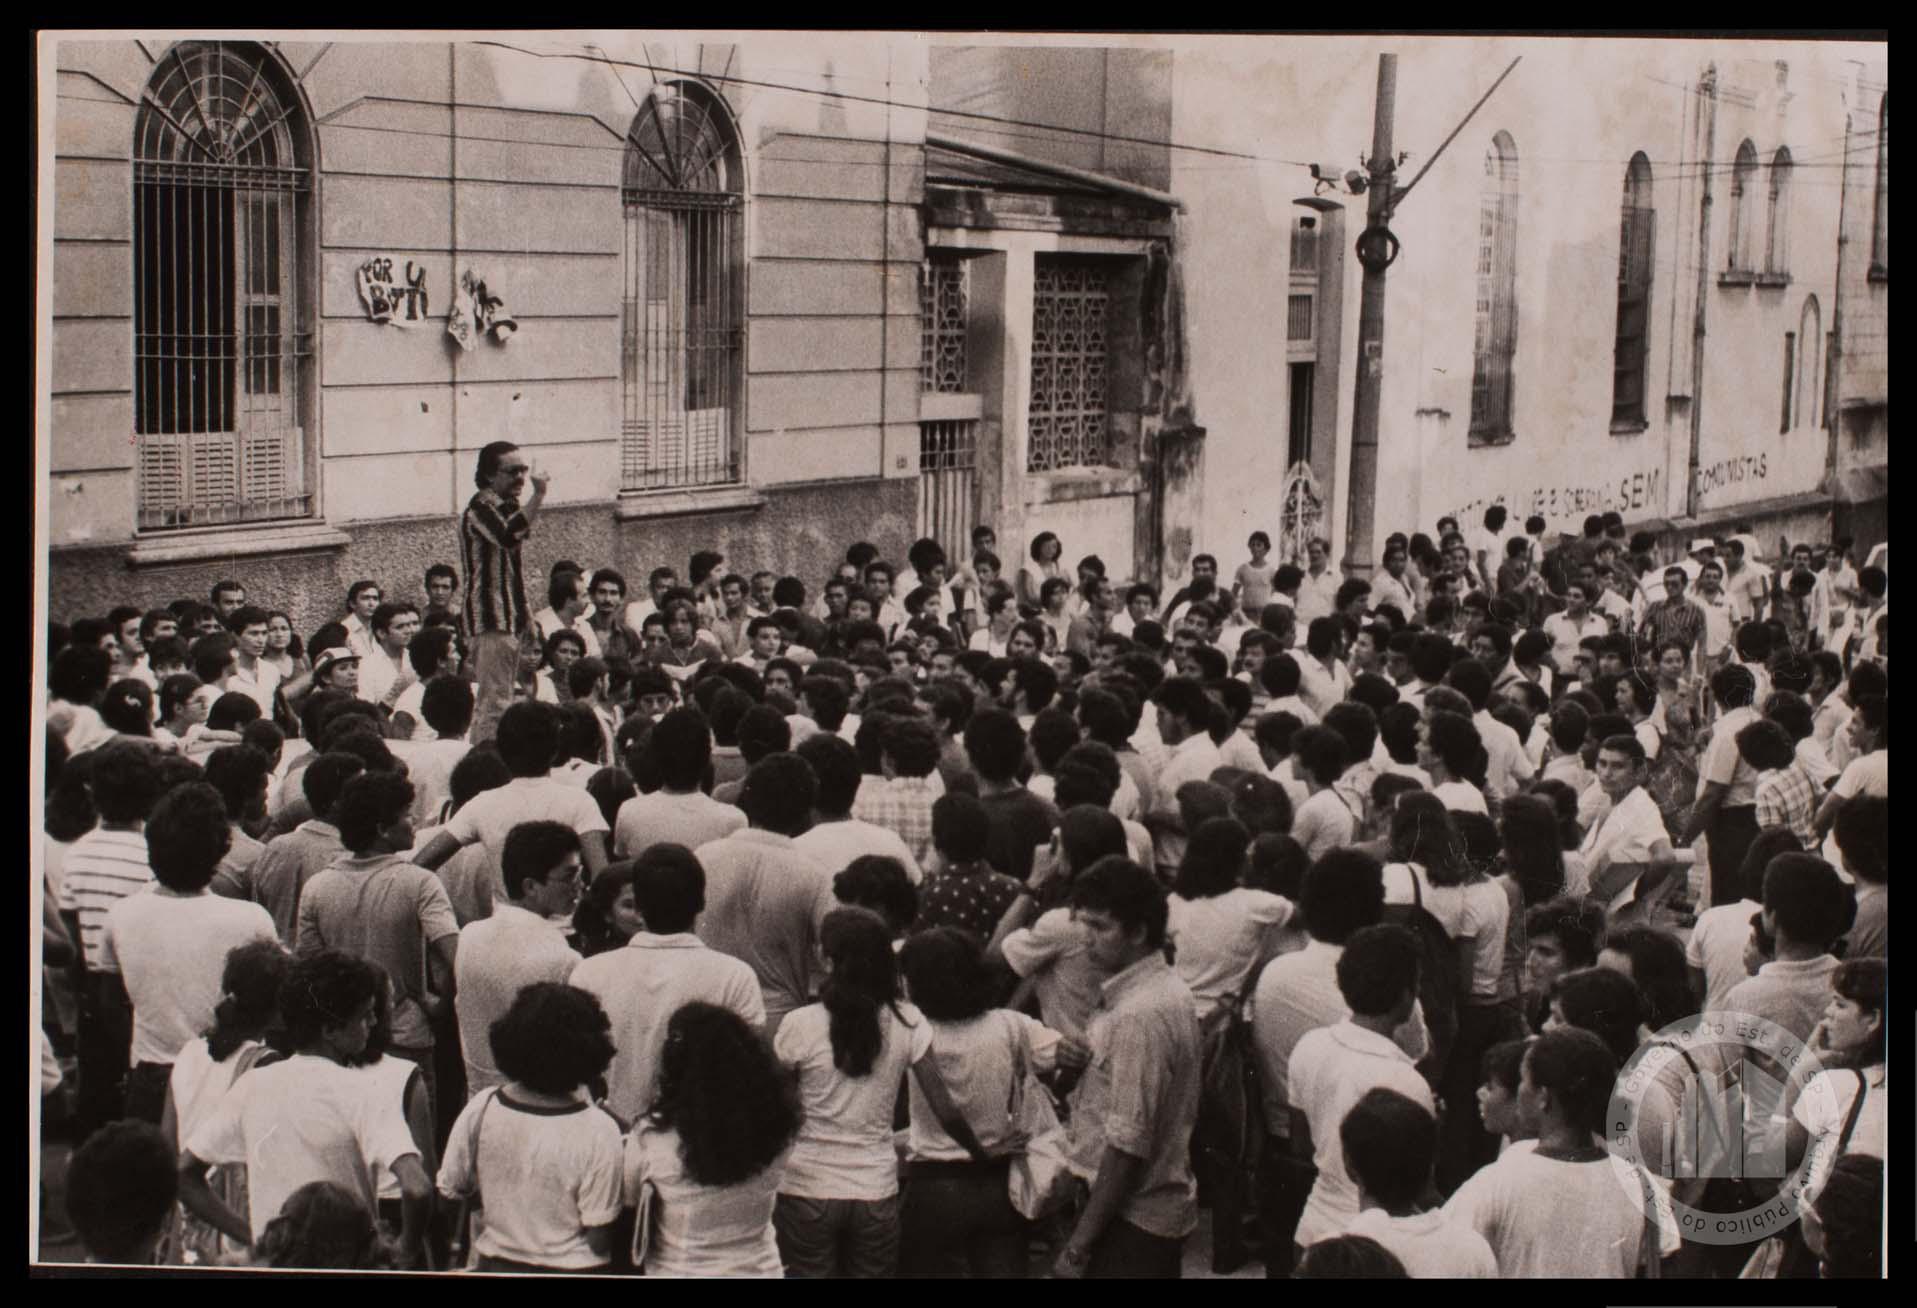 Galeria do Arquivo Público de São Paulo